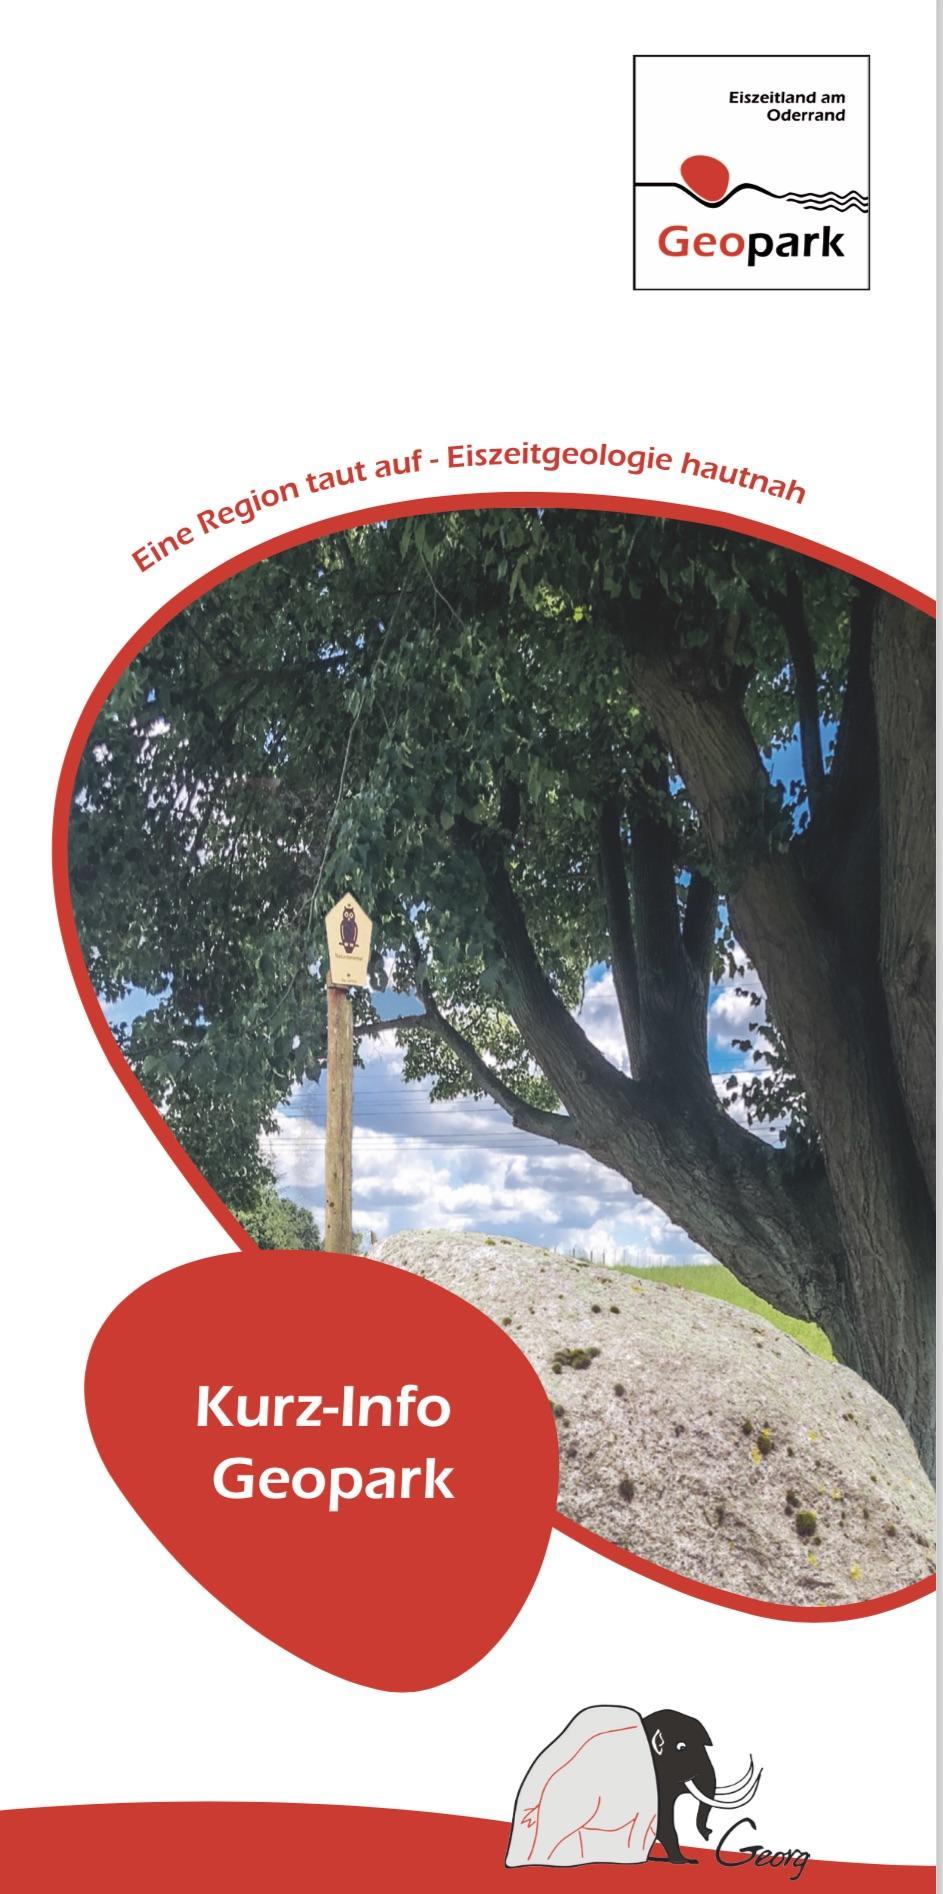 Kurzinfo